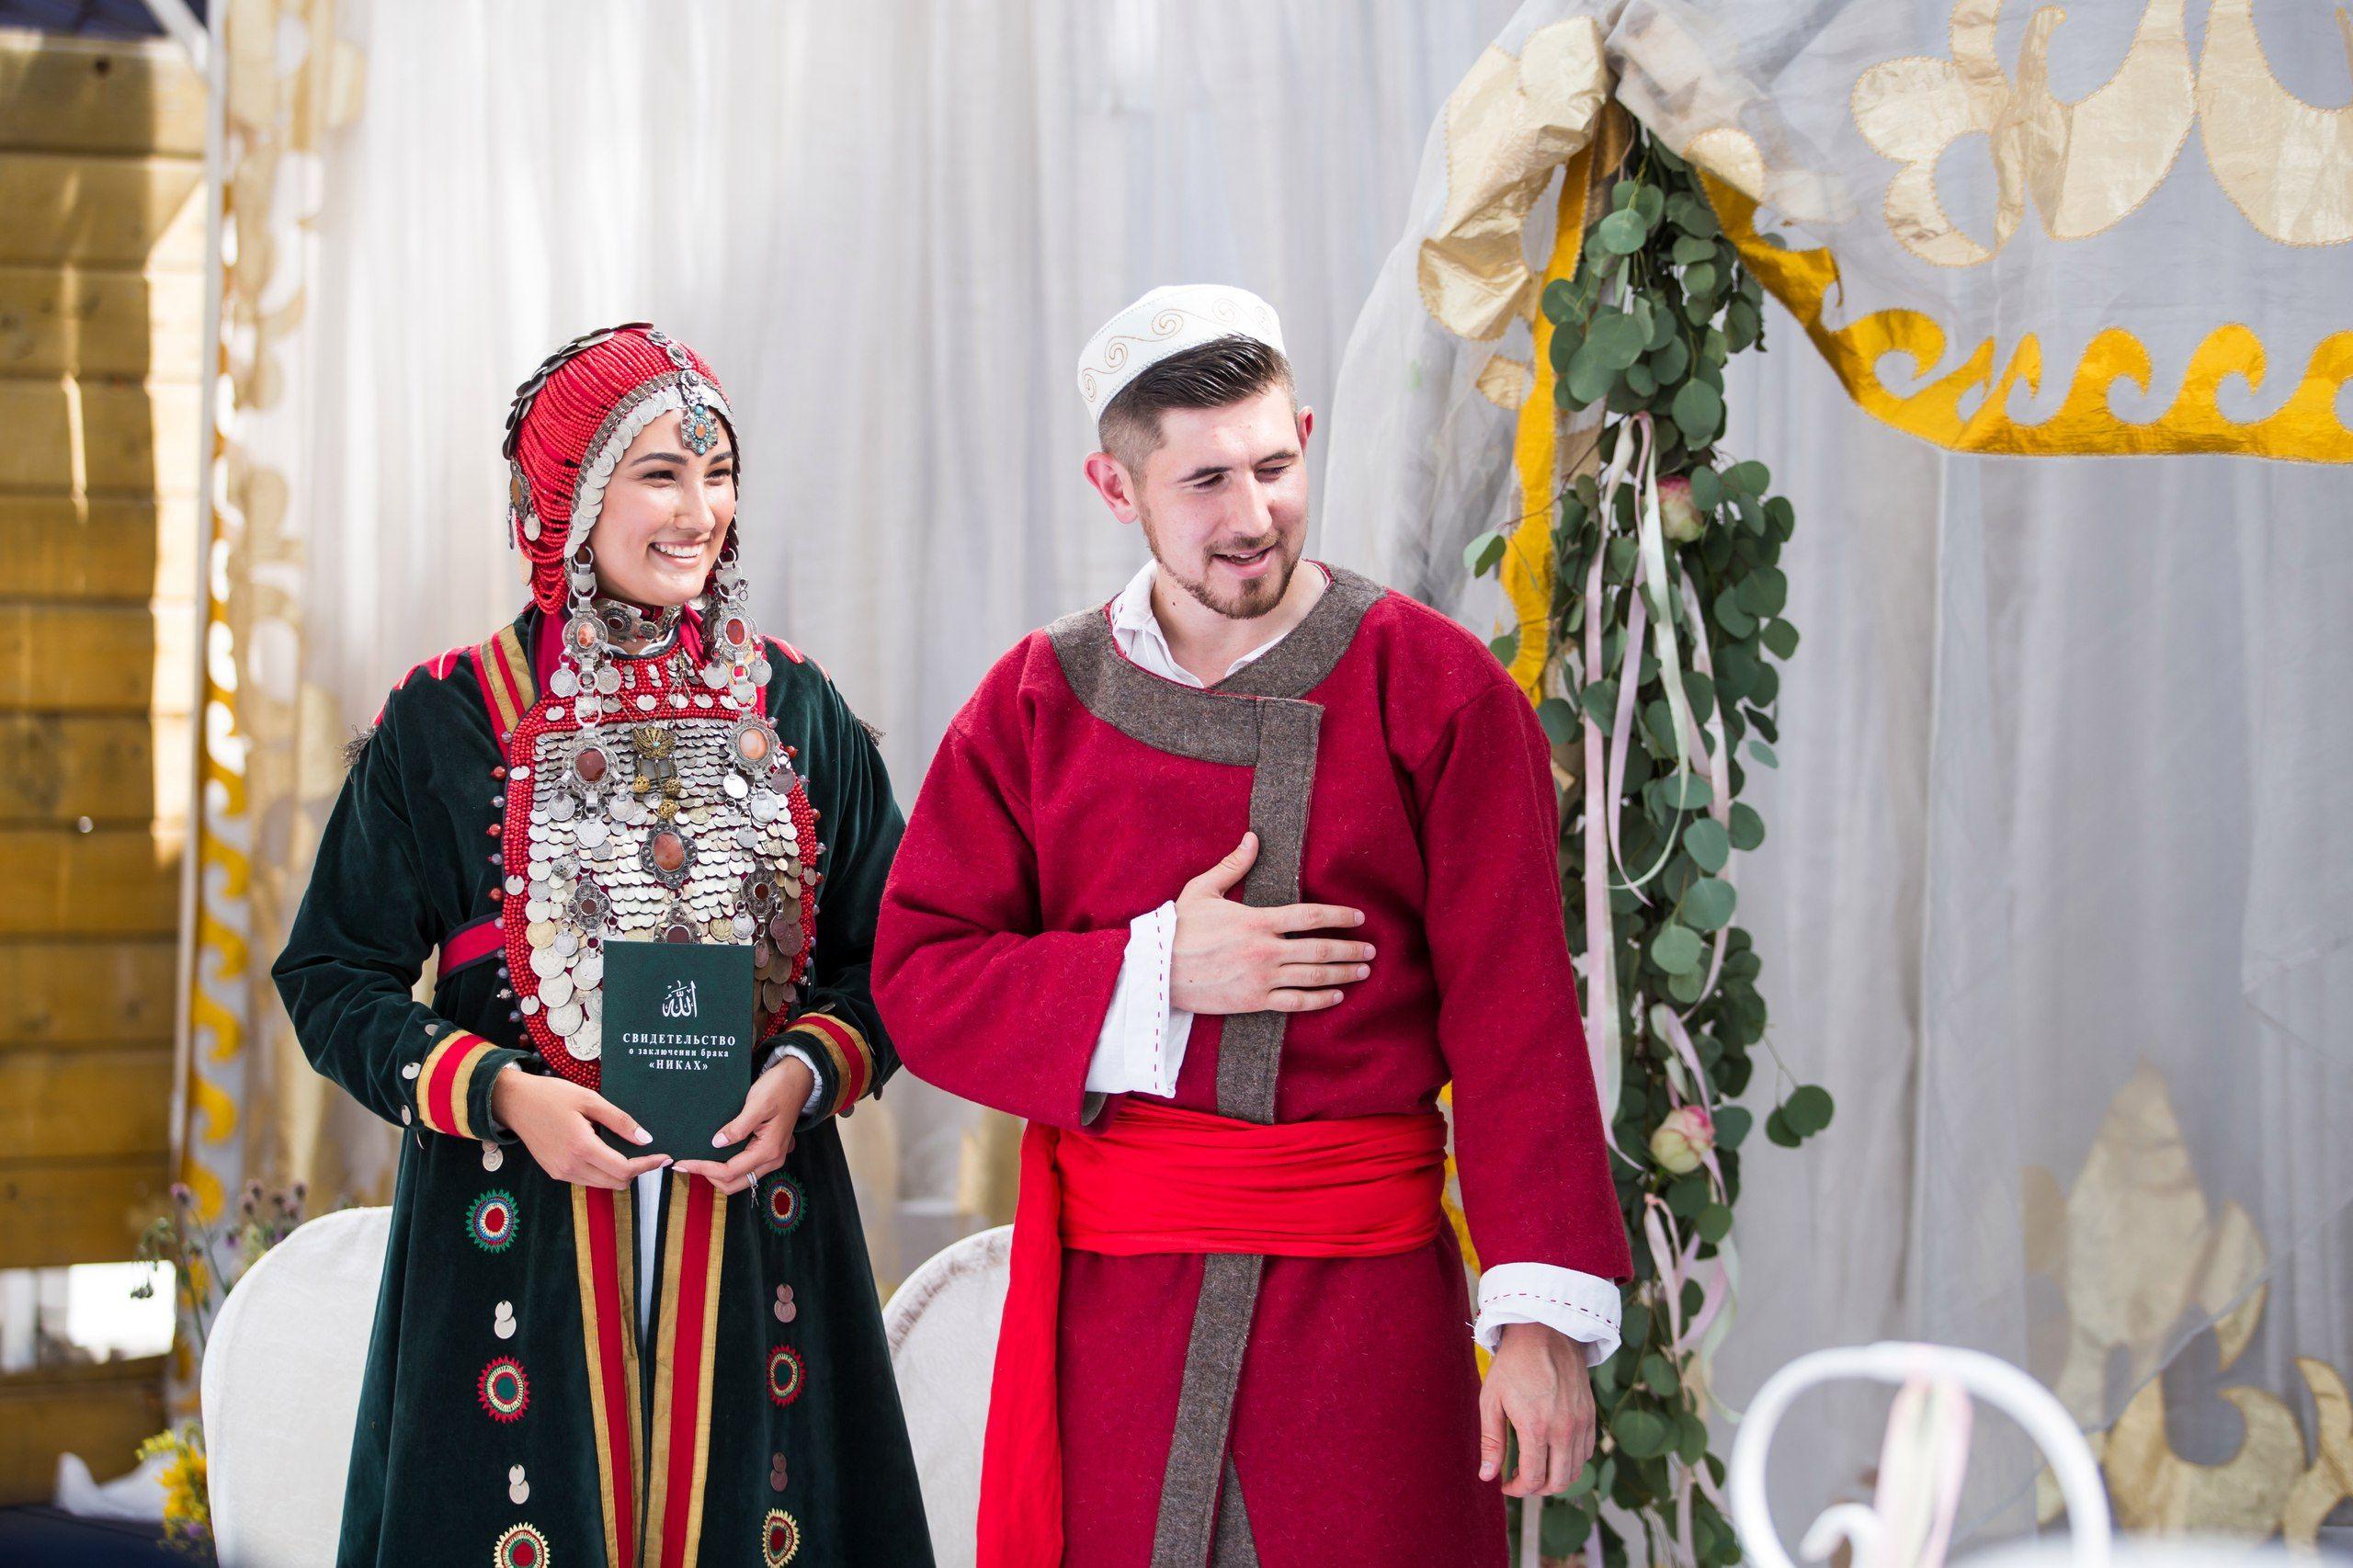 фото свадебных костюмов южного урала нажимала буквы говорящей